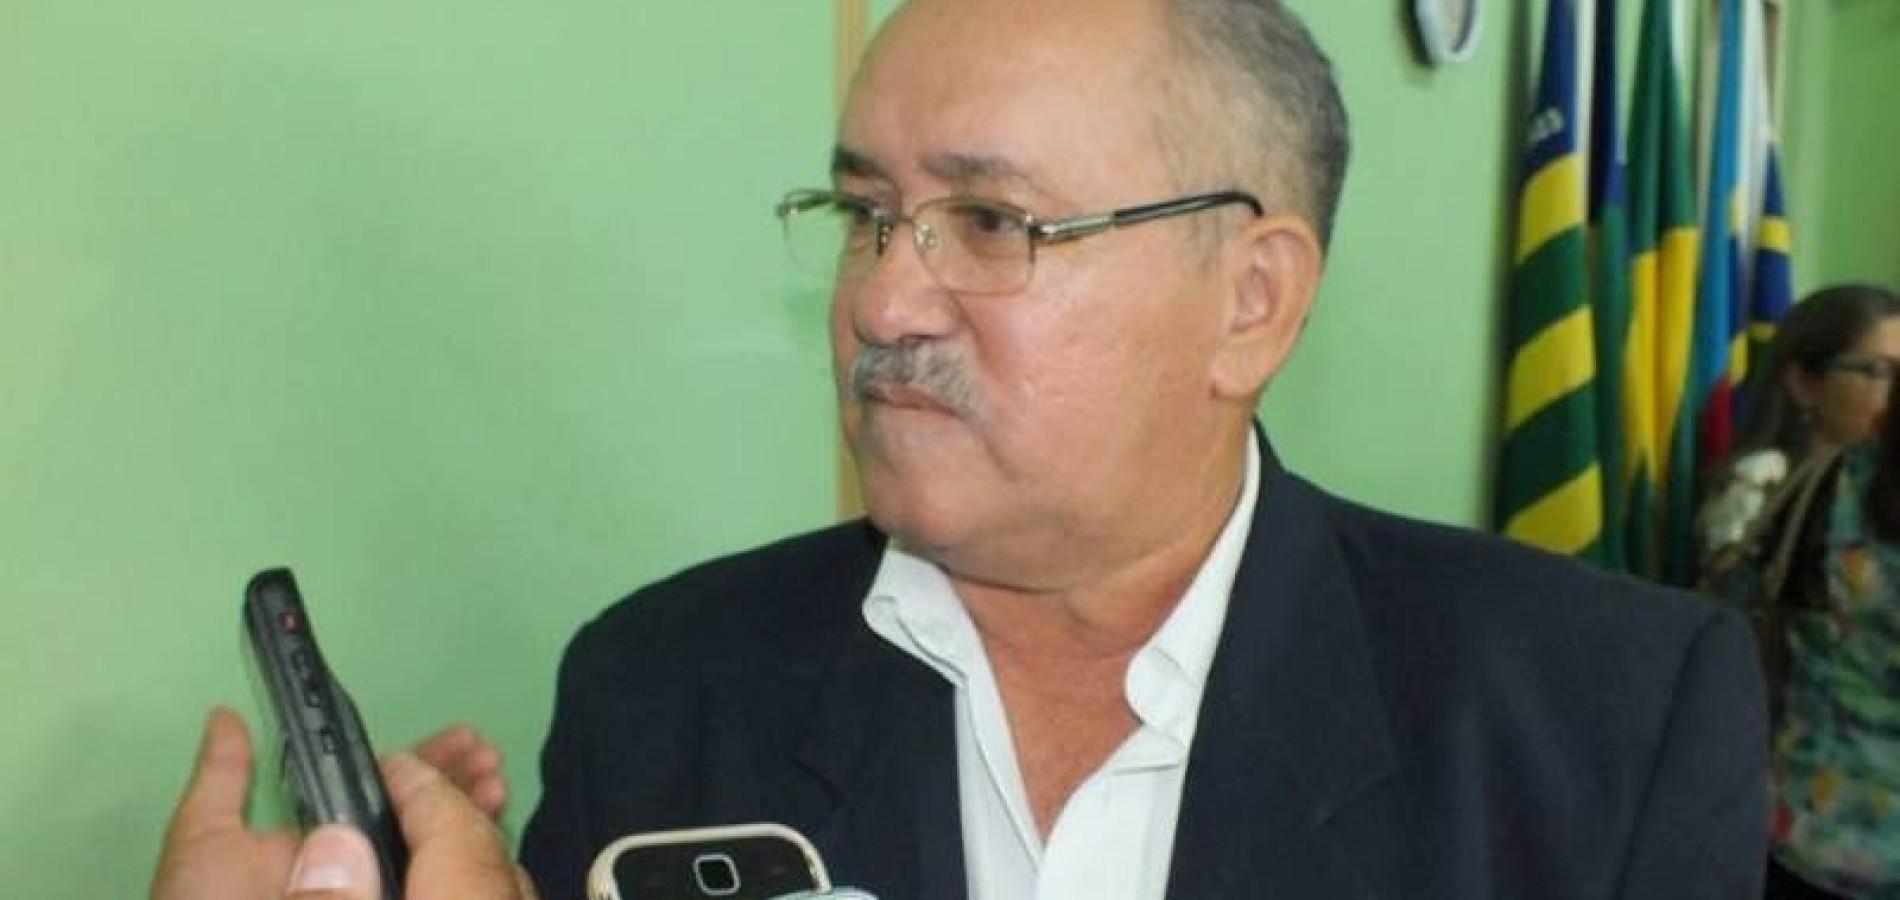 Atual prefeito de Bocaina teria confessado compra de votos e pedido a própria cassação